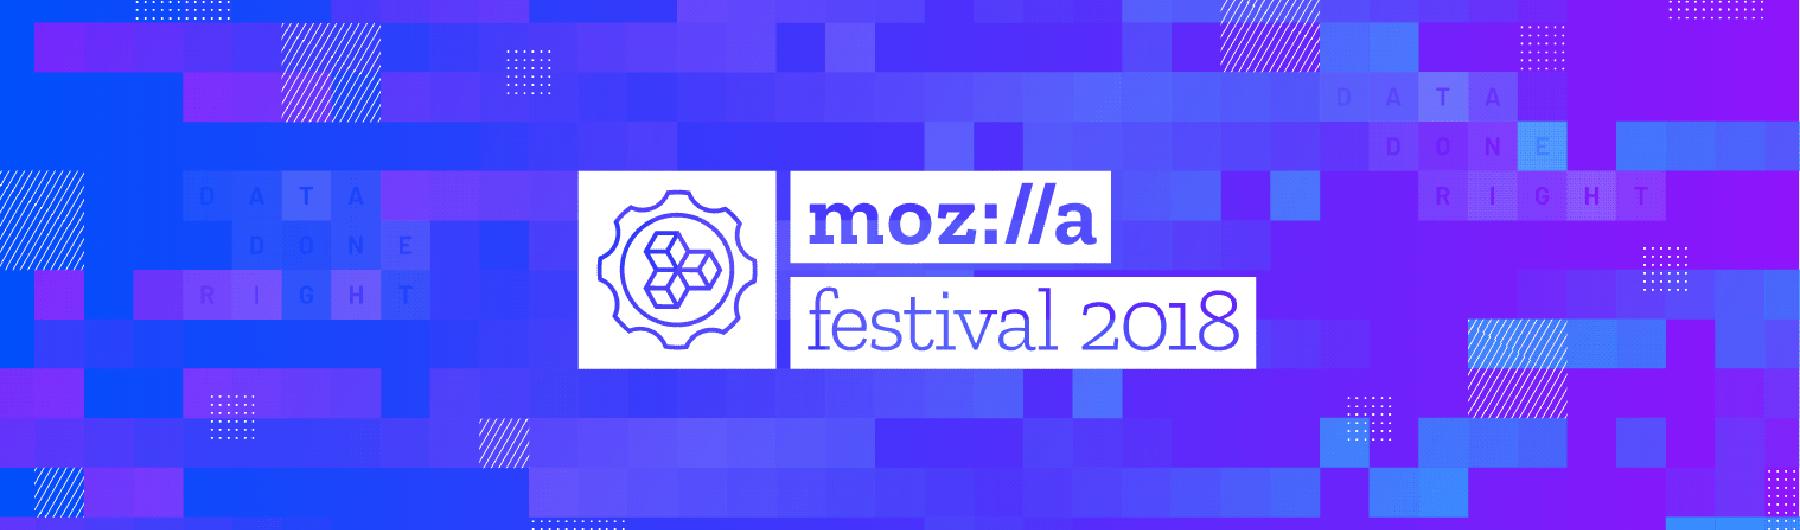 Mozilla Festival 2018